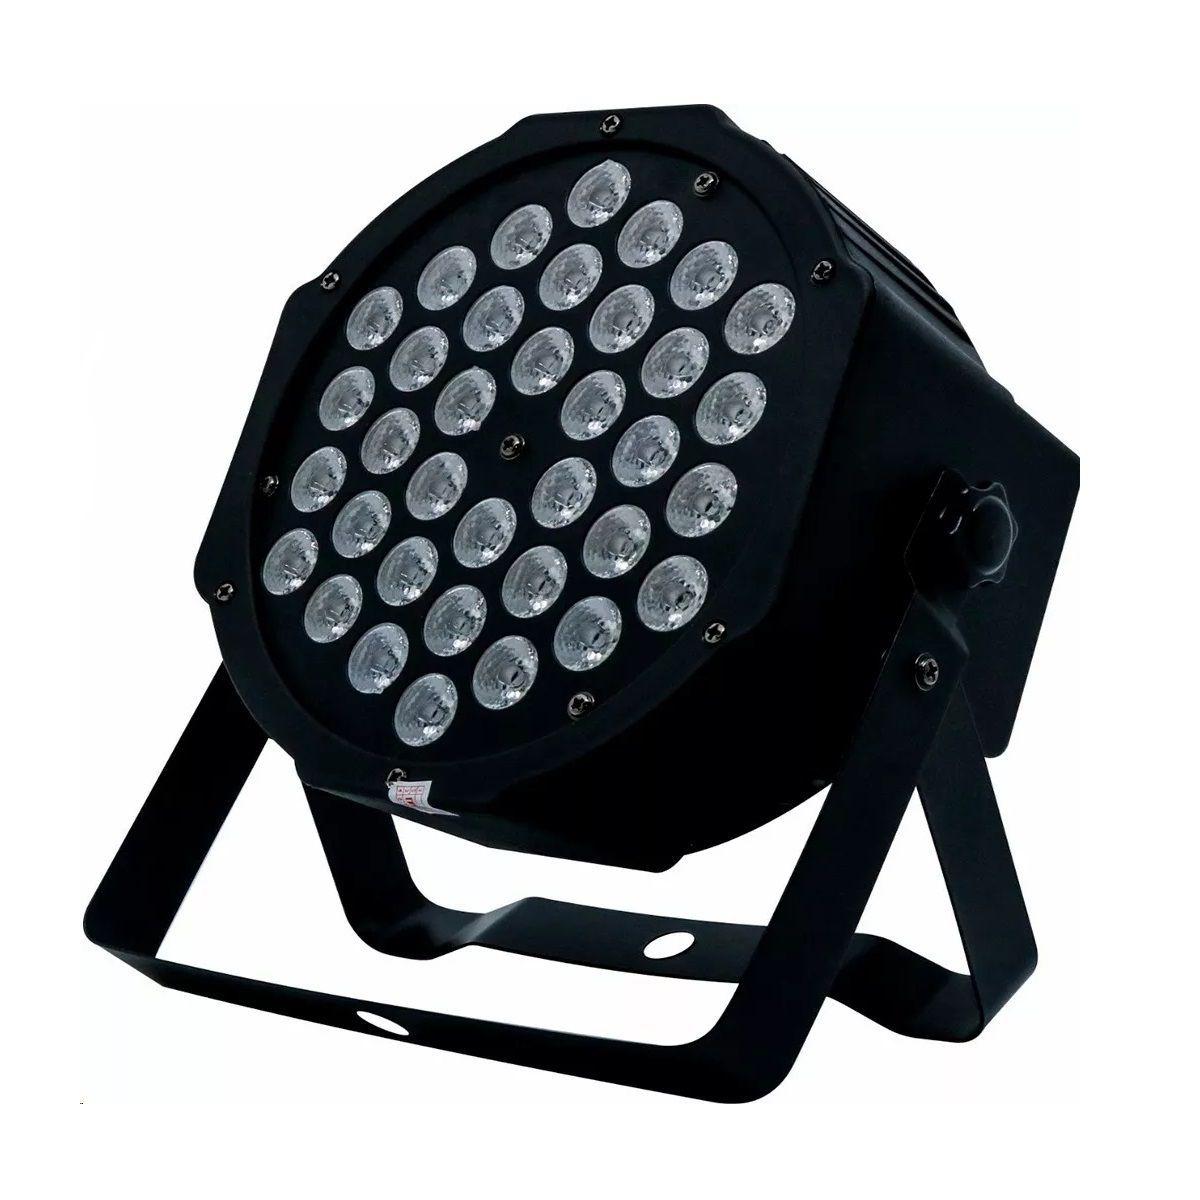 Strobo 108 Leds Branco 25W Rítmico Bivolt Automático + 1 Canhão de Luz Led Par 64 RGB 36 Leds DMX Digital Strobo - HL-36P